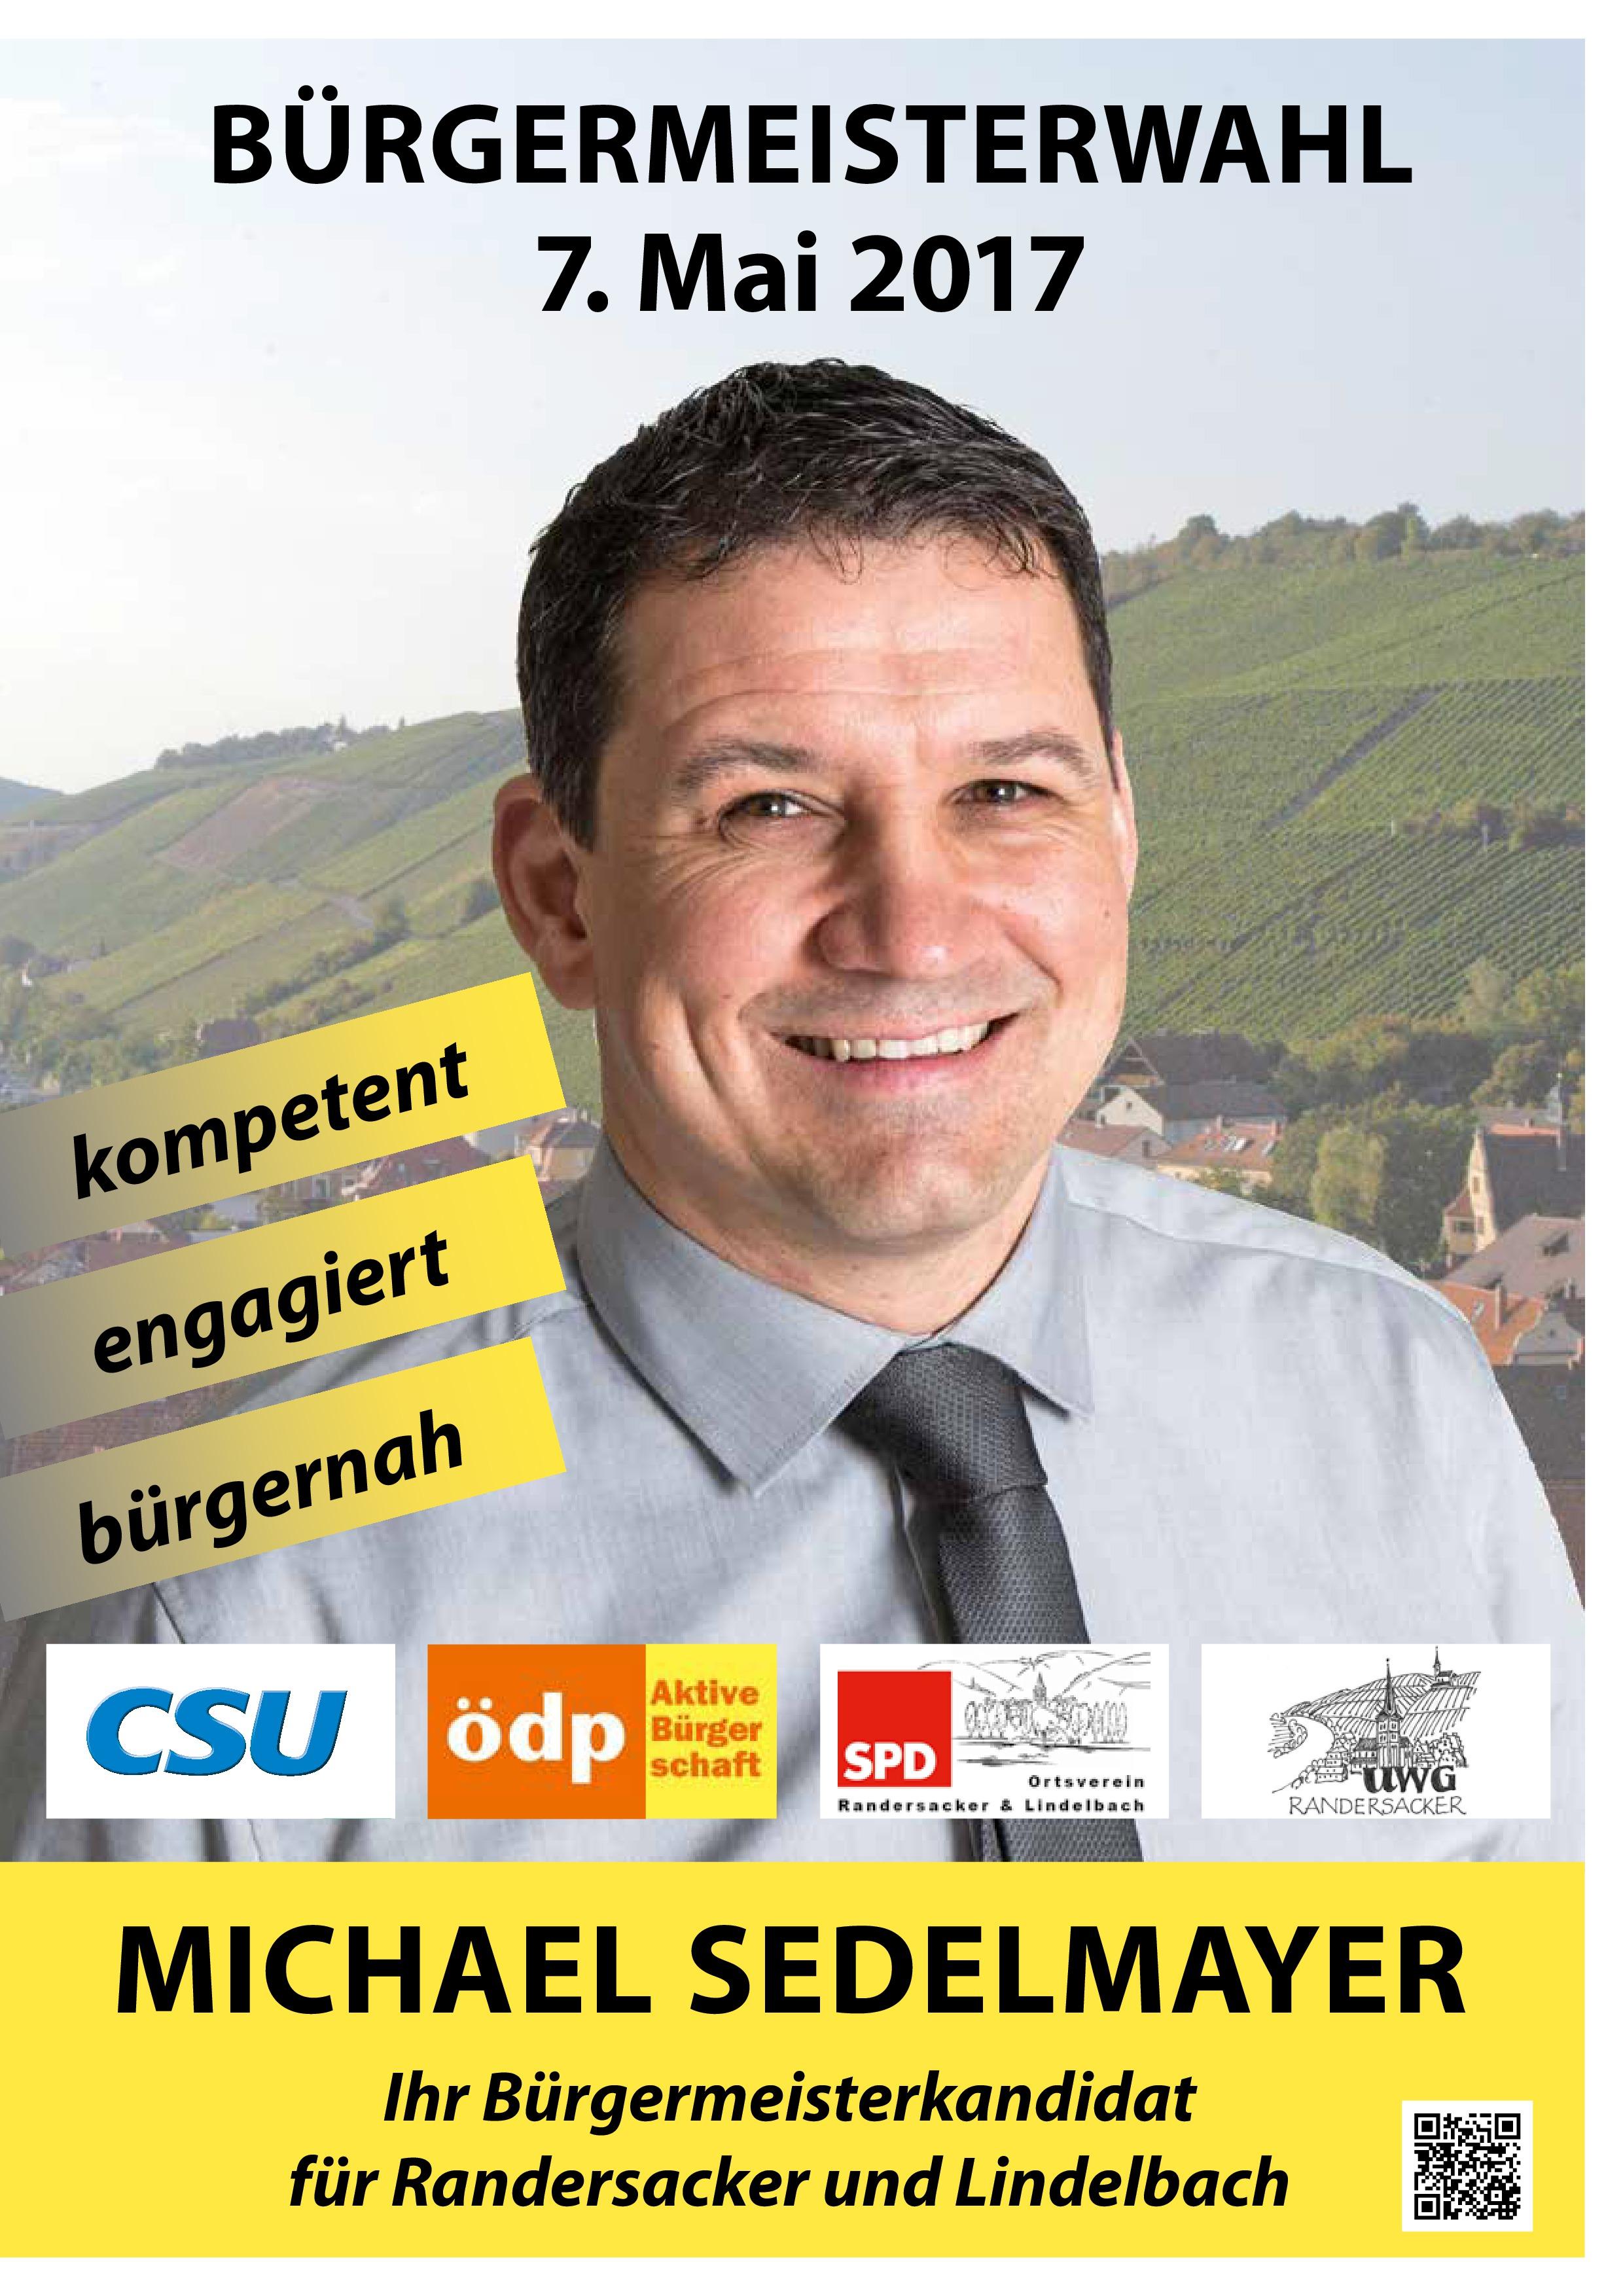 Michael Sedelmayer von Aktiver Bürgerschaft und ödp nominiert